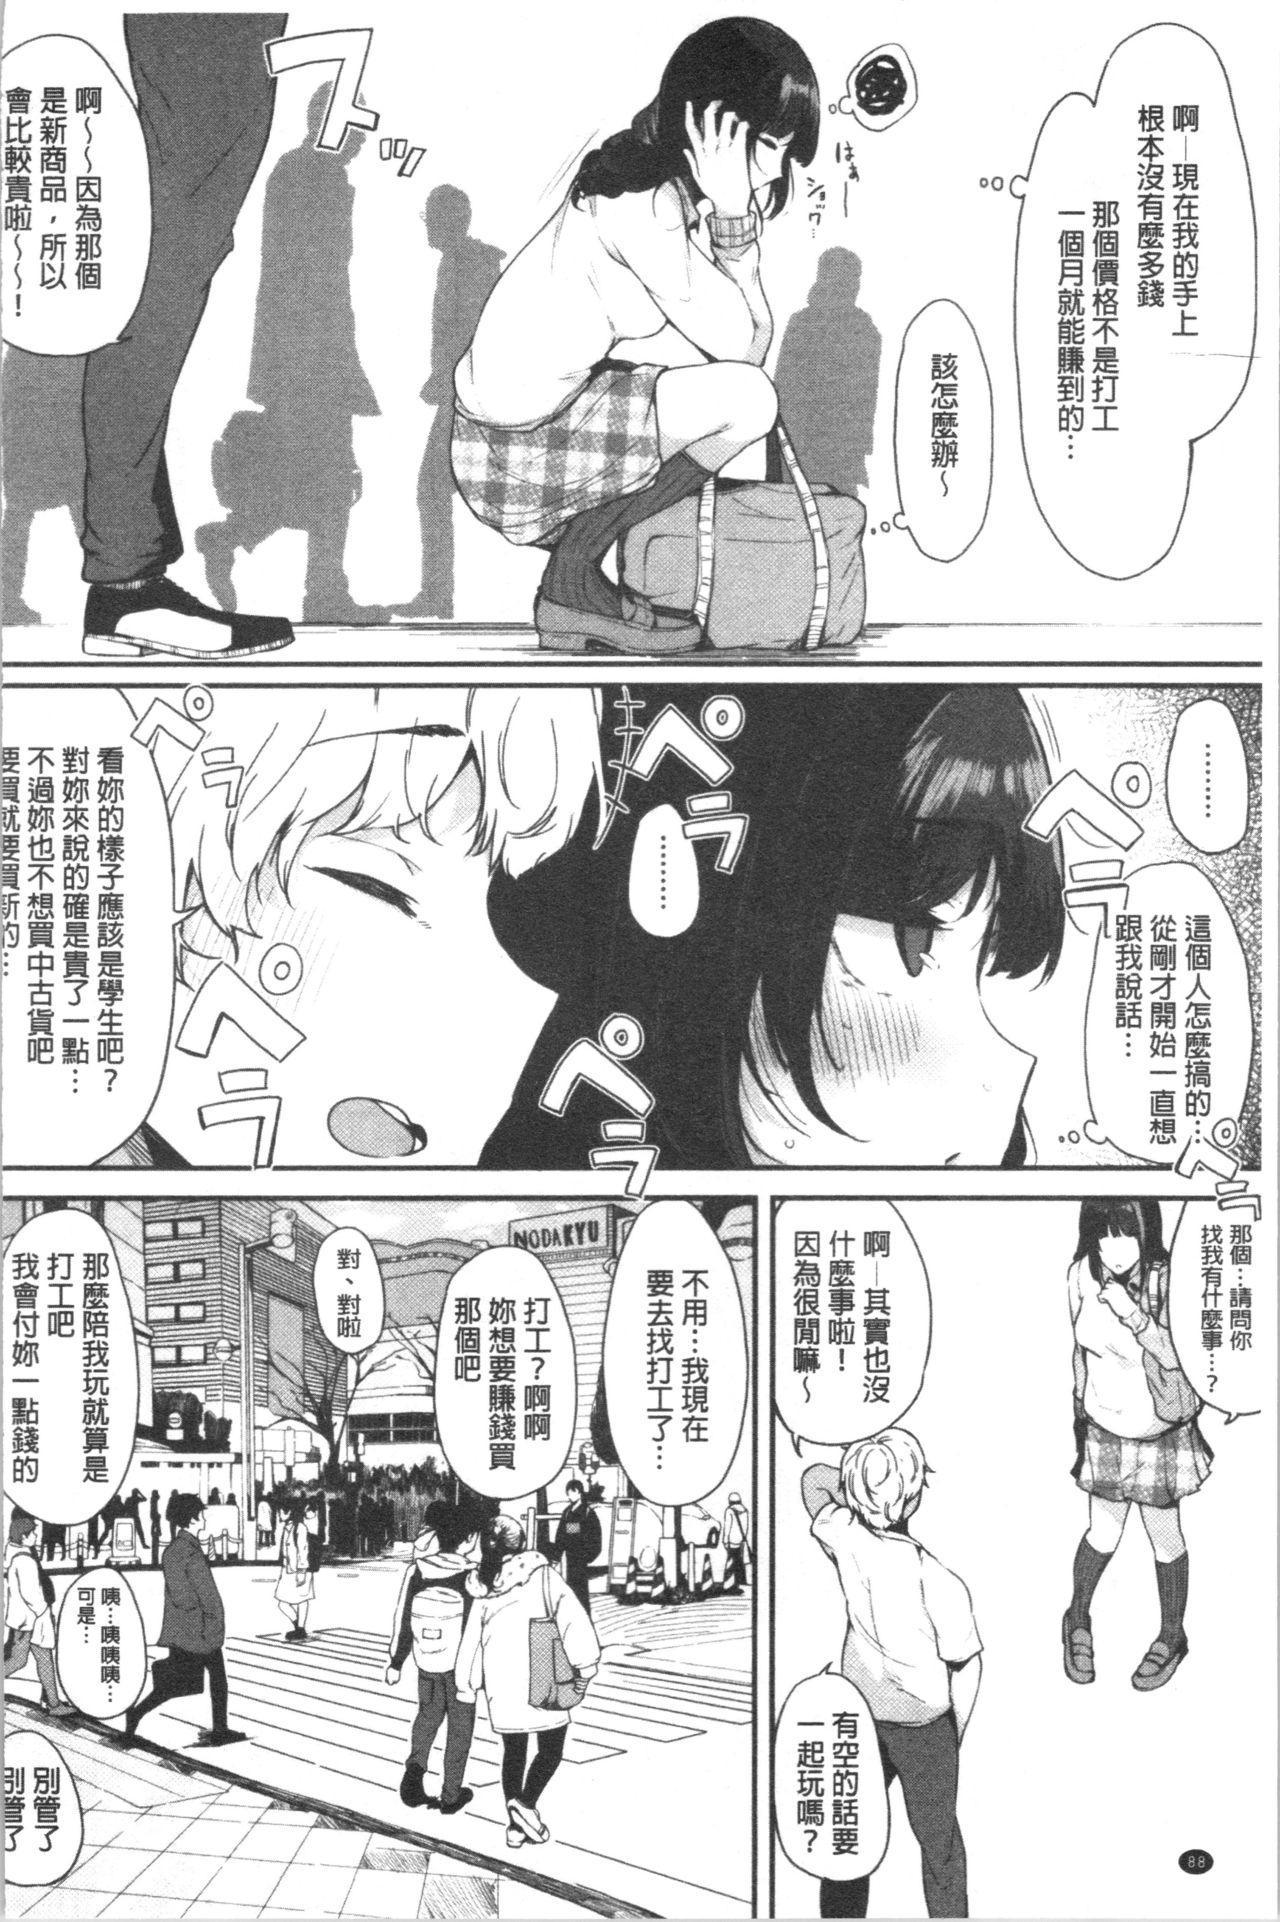 Hametomo Onna Tomodachi ga SeFri-ka shita Hi | 性愛砲友 女友們都變砲友化的日子 91